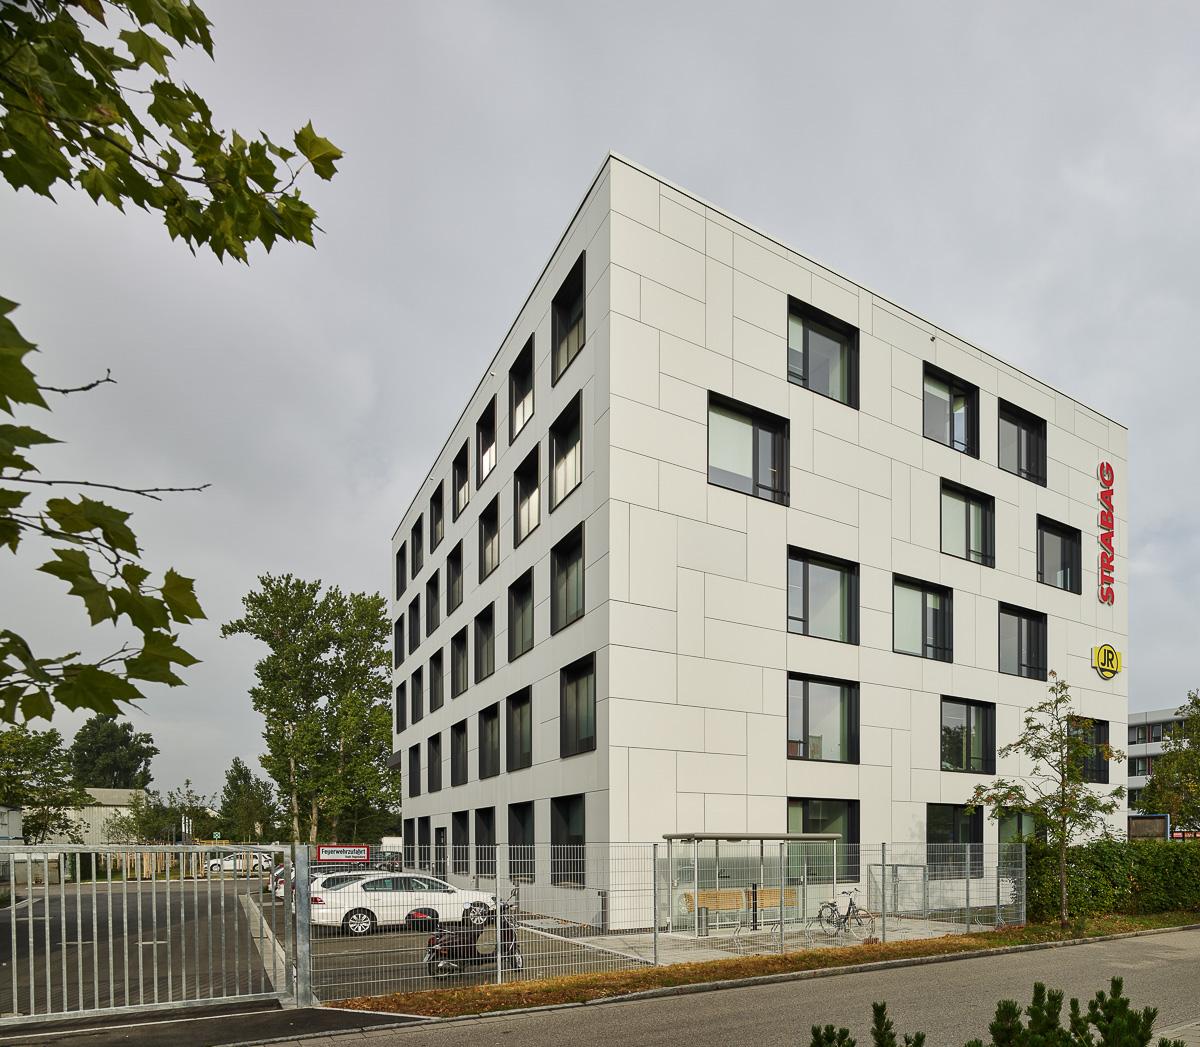 Architekten Regensburg photography architecture by kurt hoerbst